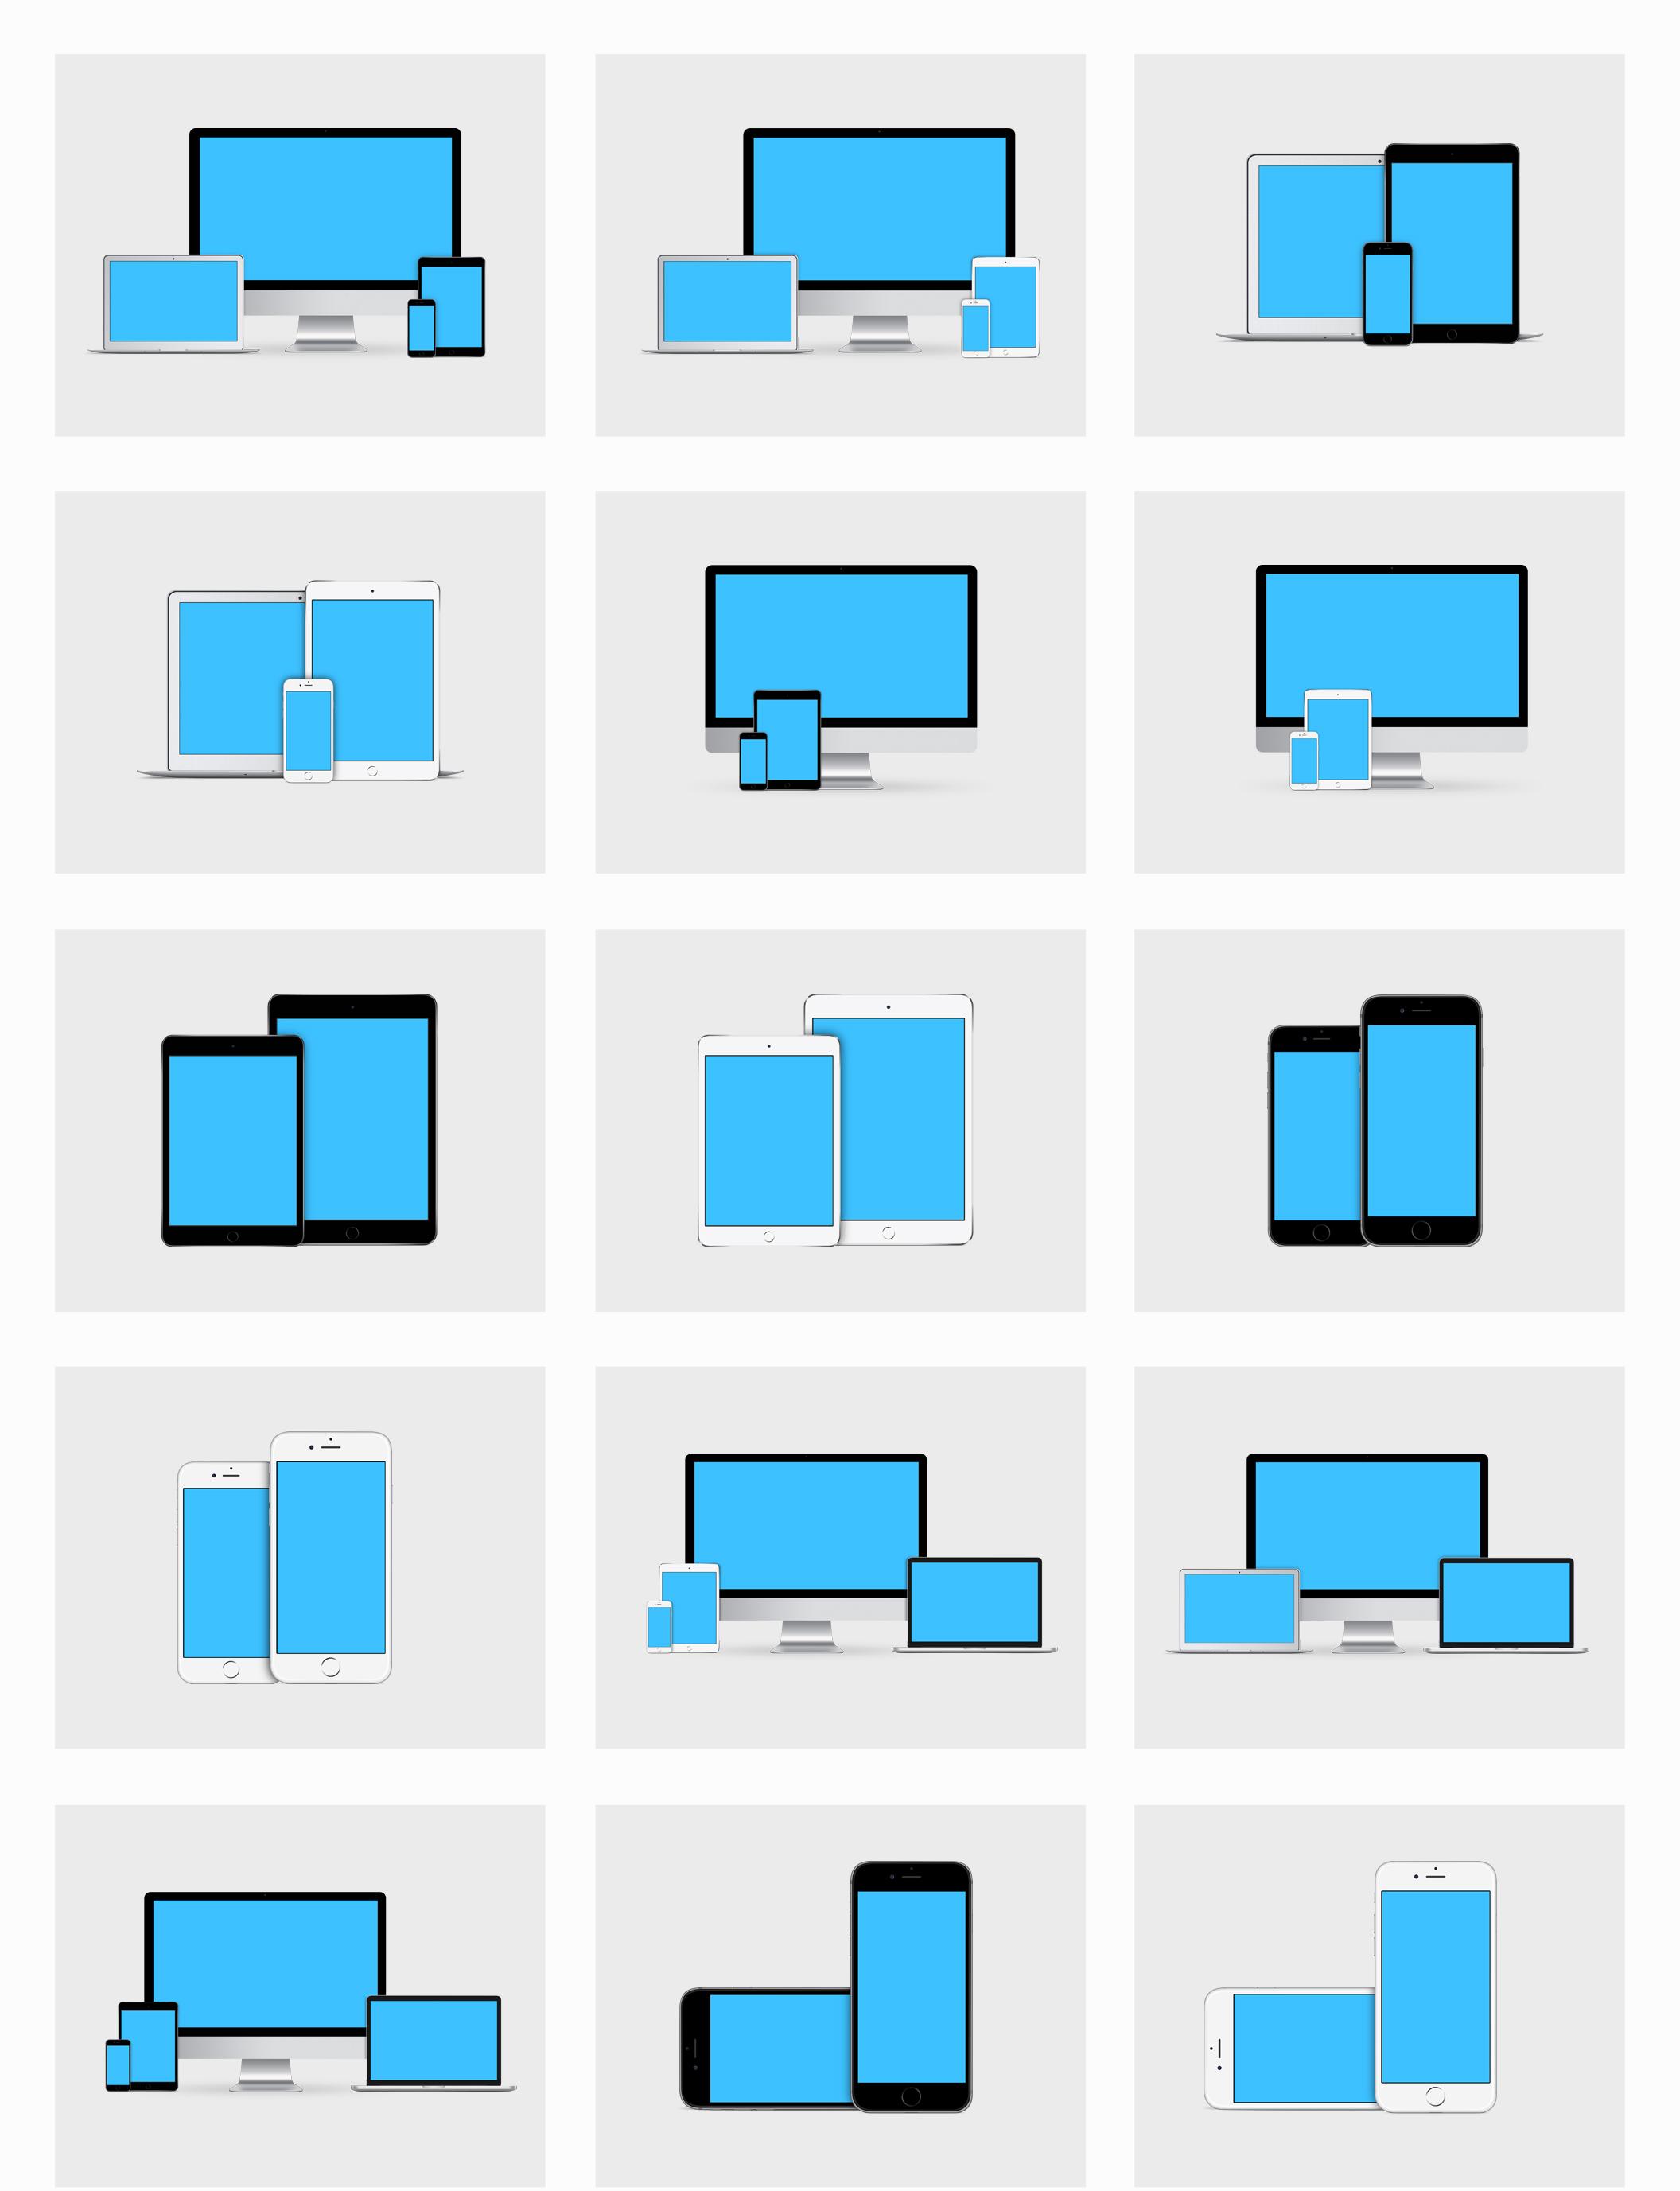 一组多个apple设备设计展示适配的样机素材  psd素材下载 样机素材-第3张